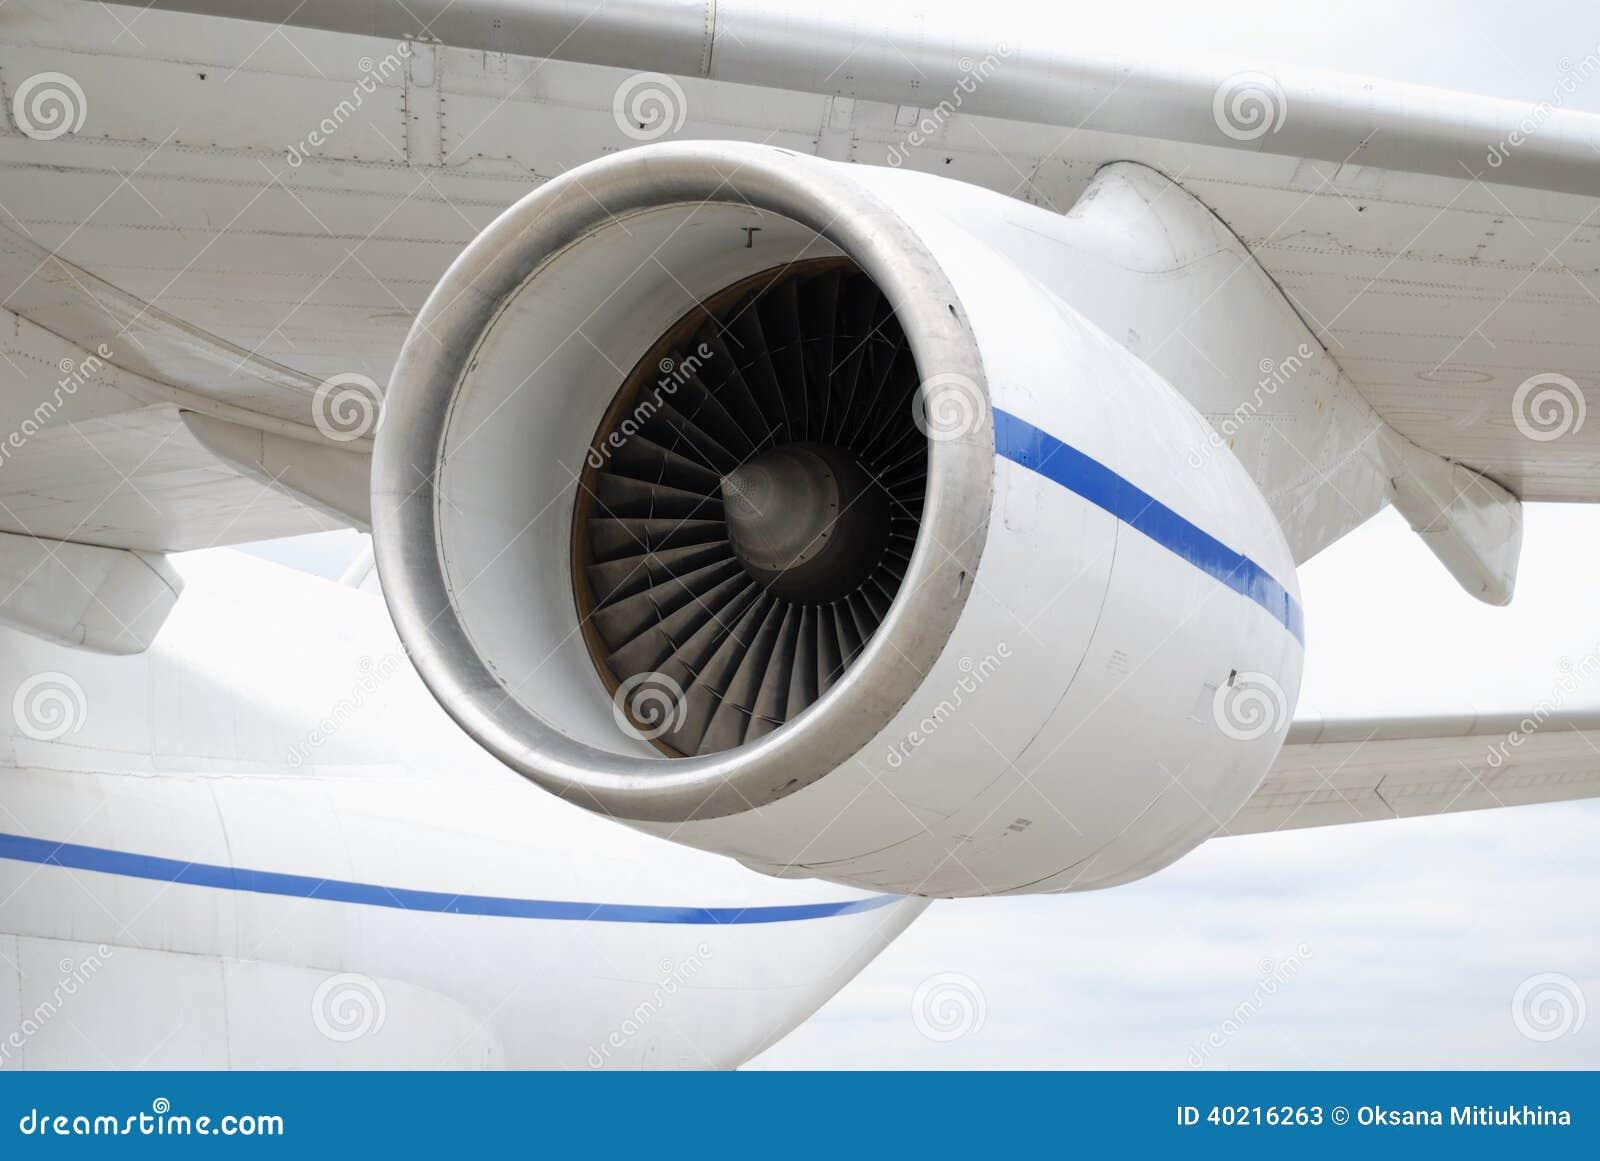 Двигатель турбореактивности под крылом самолета